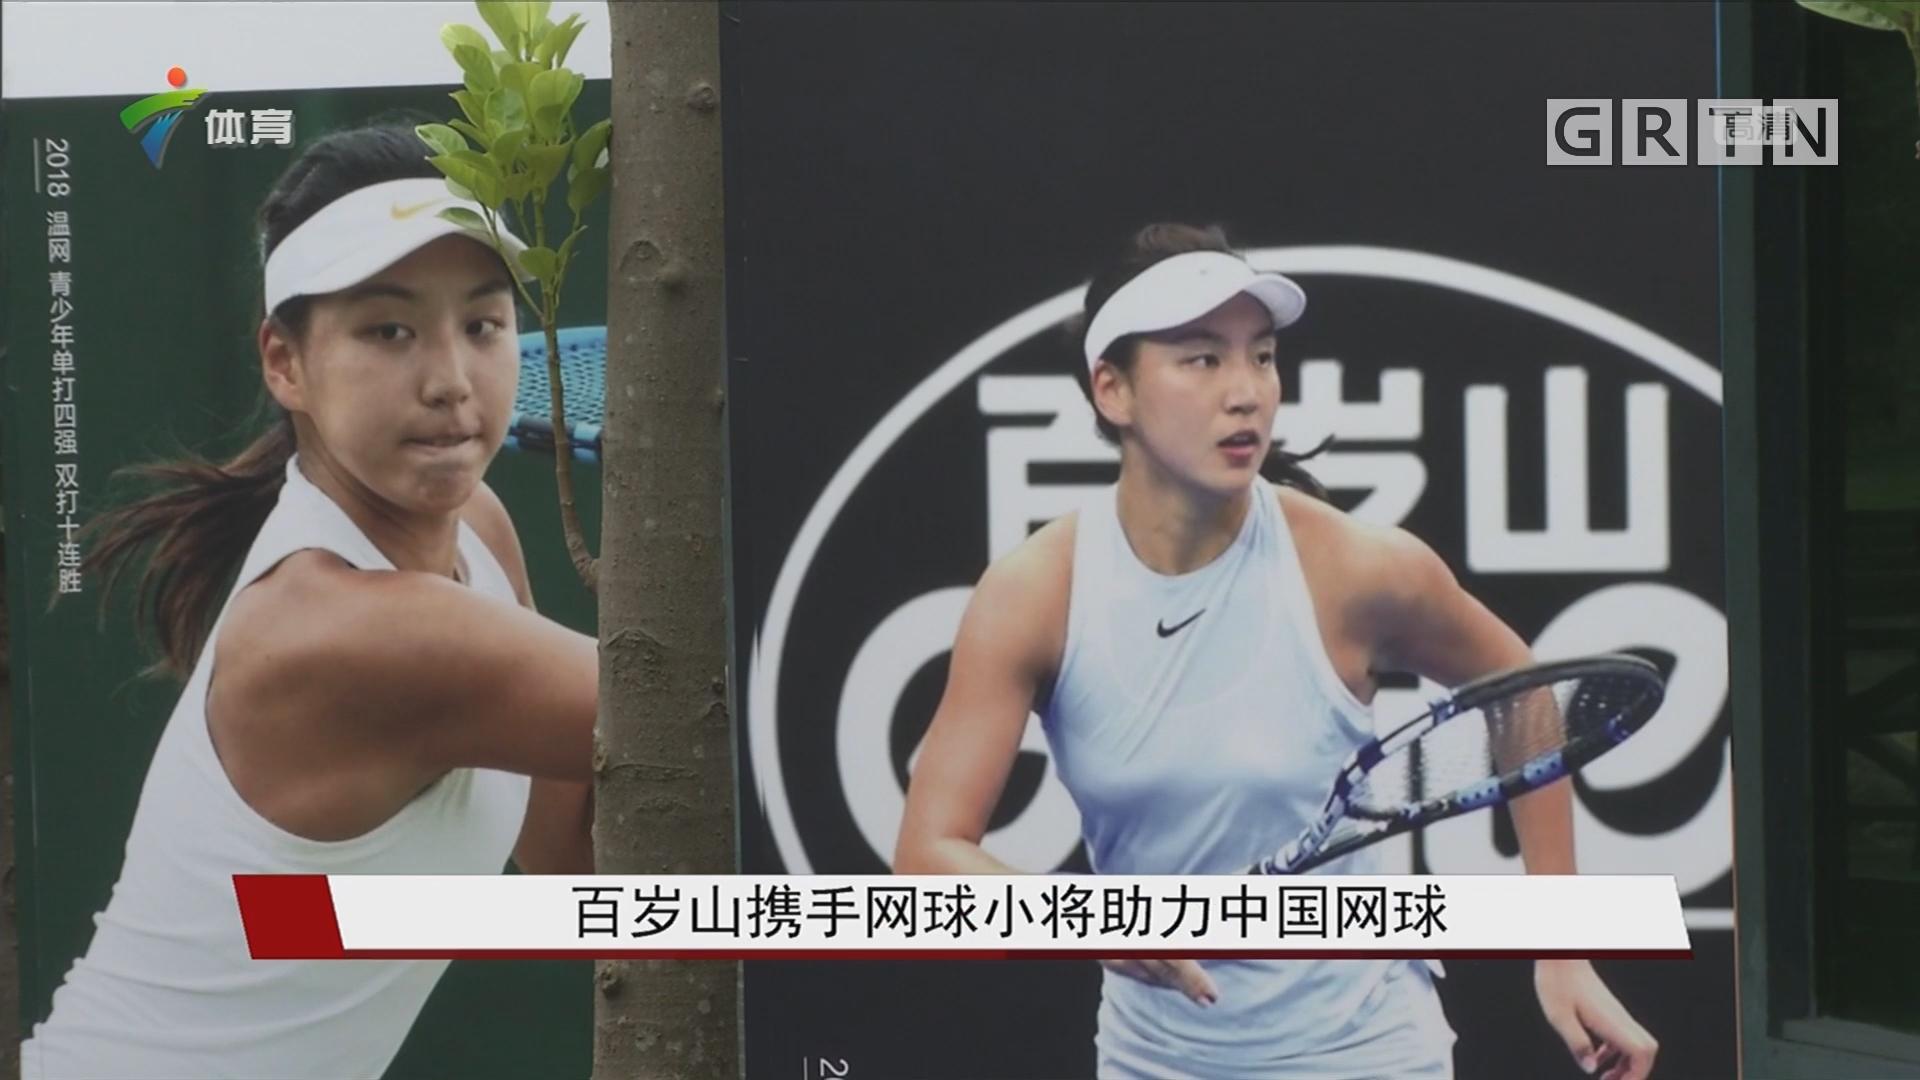 百岁山携手网球小将助力中国网球